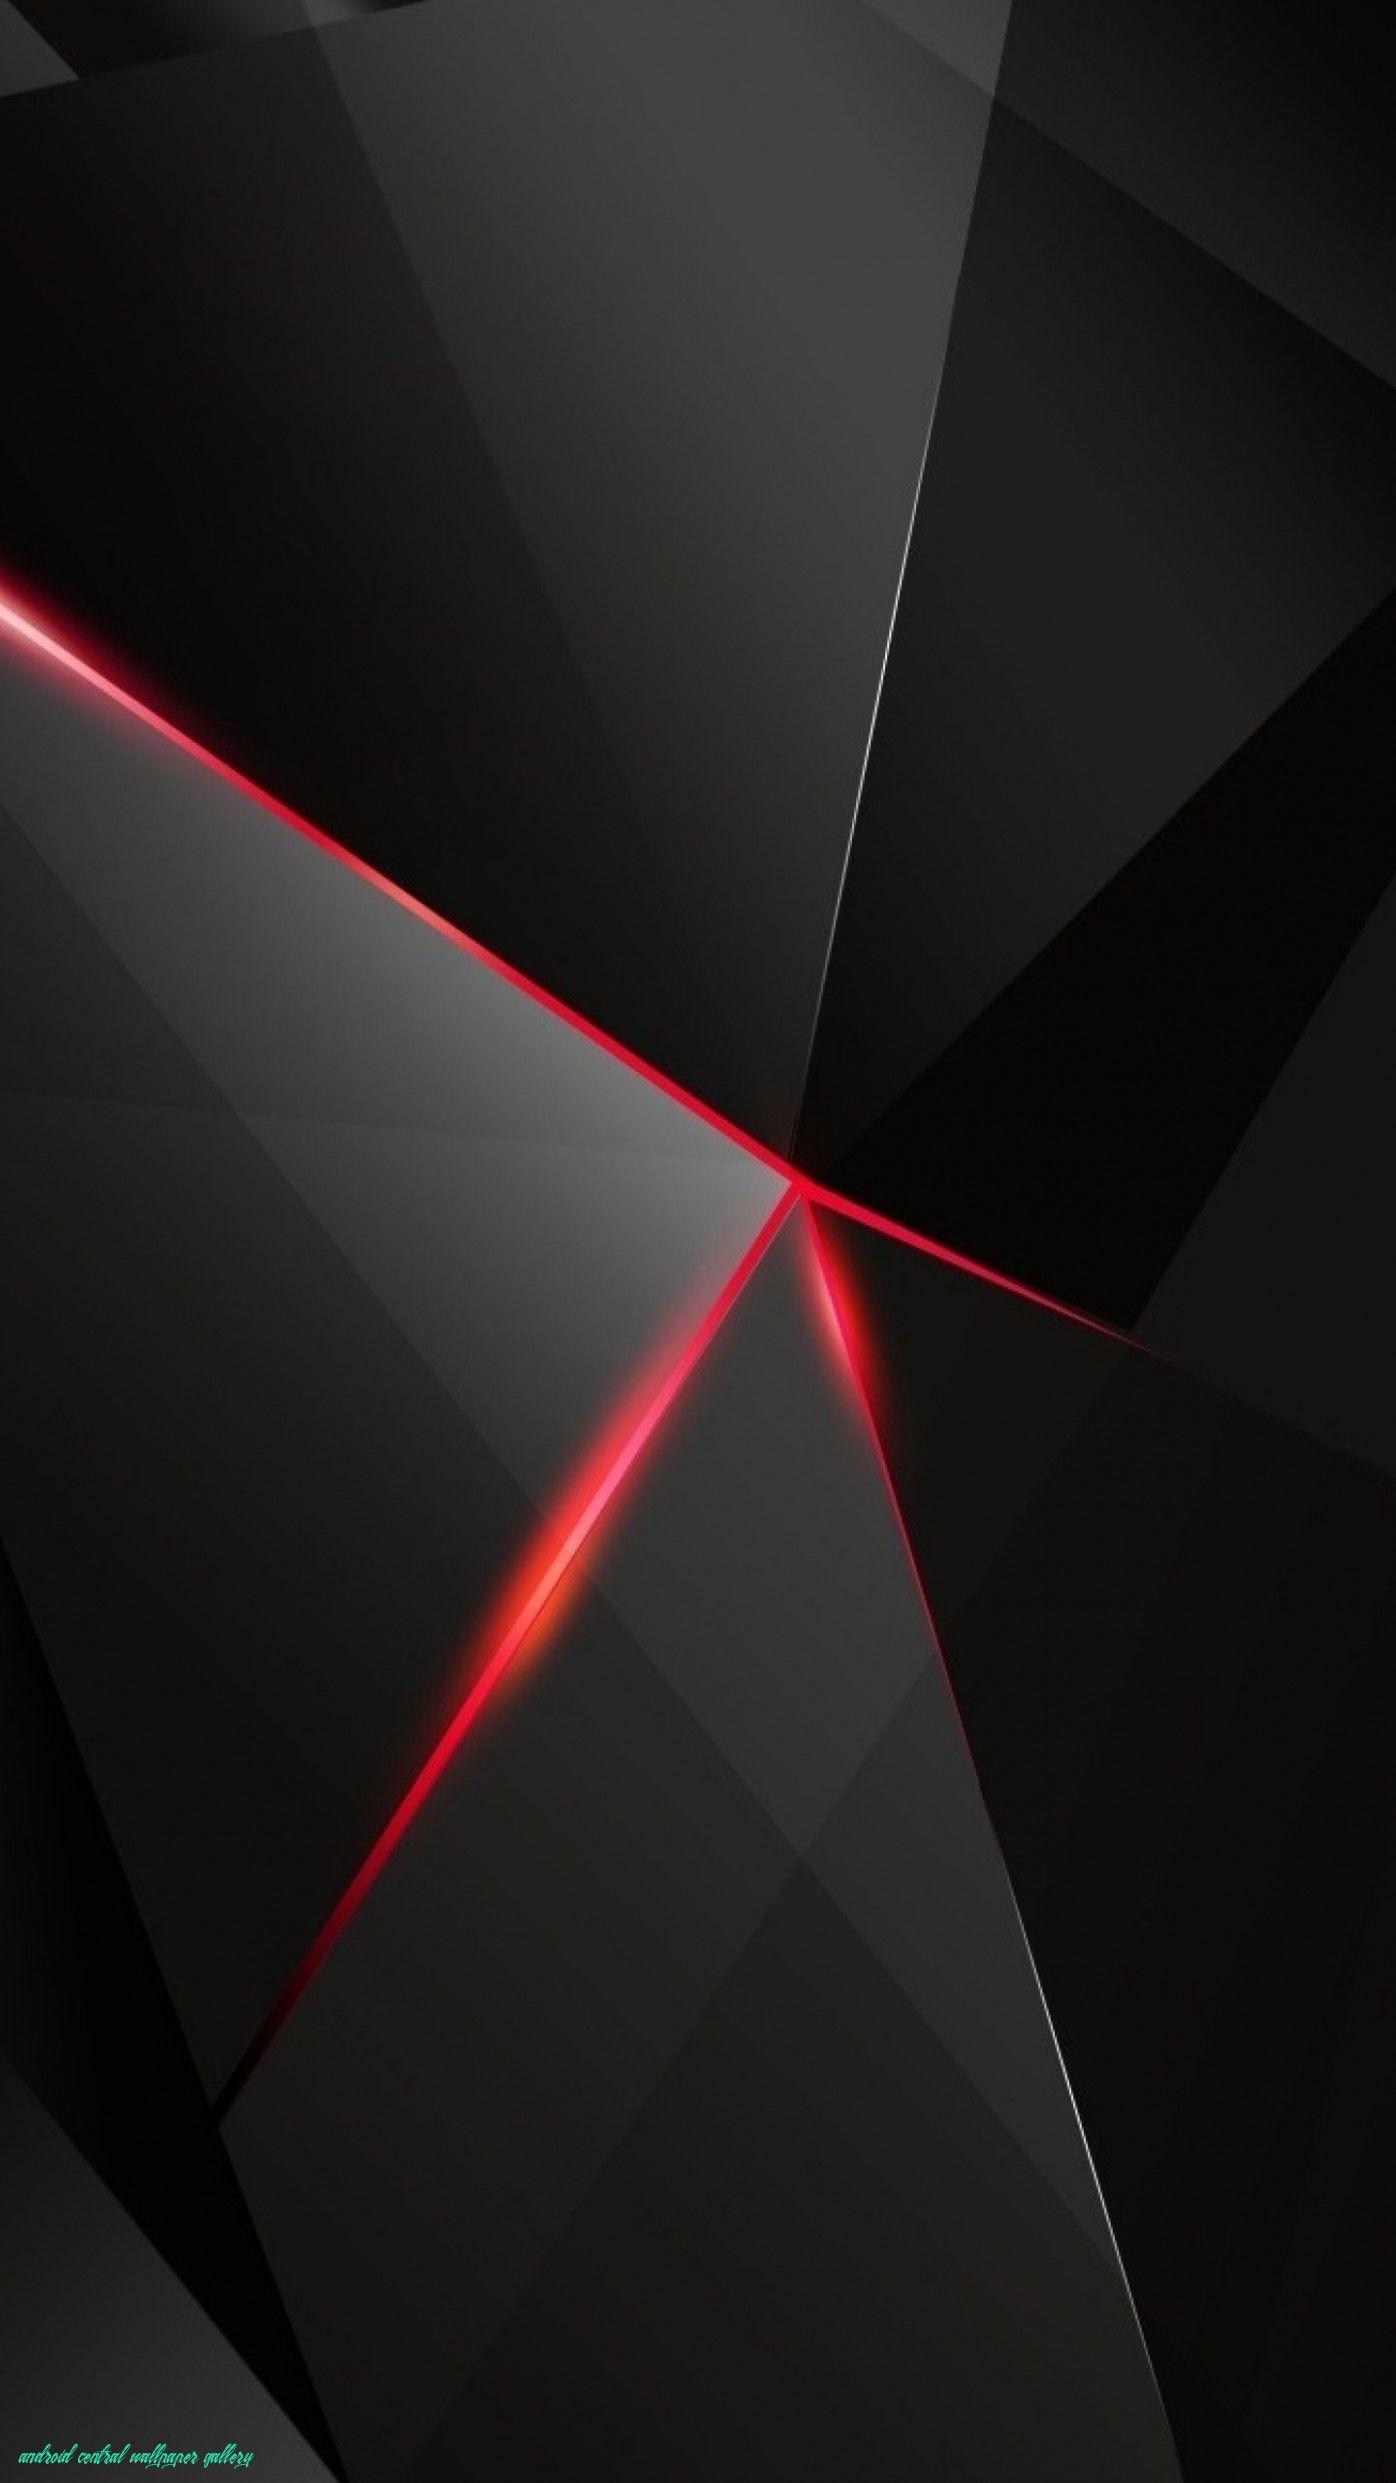 Hd Wallpapers - Sony Xperia M4 Aqua , HD Wallpaper & Backgrounds